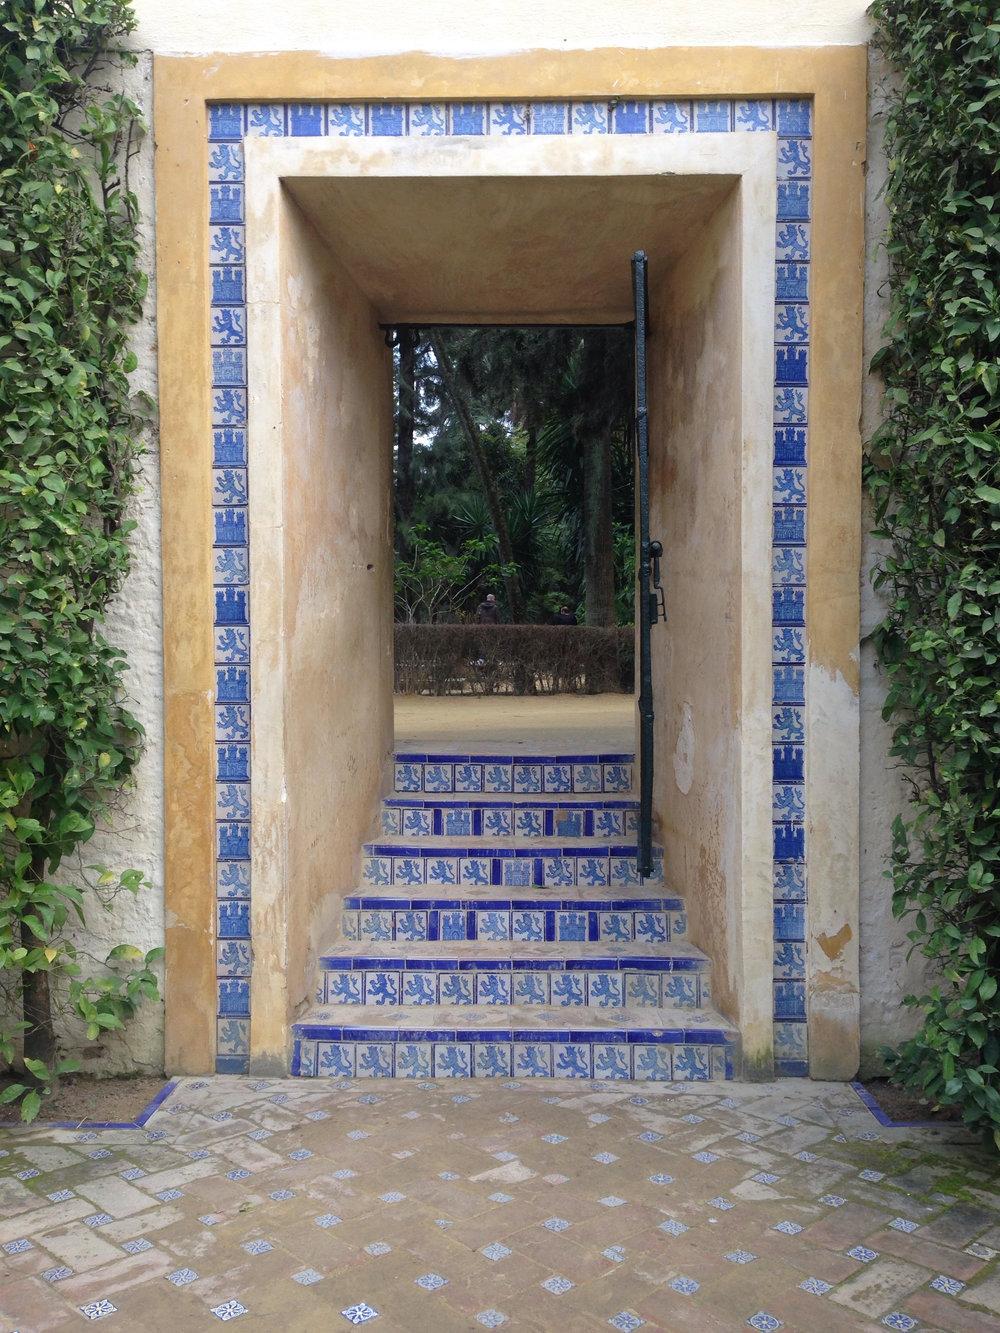 Beautiful doorway in Sevilla's famous Alcazar gardens.